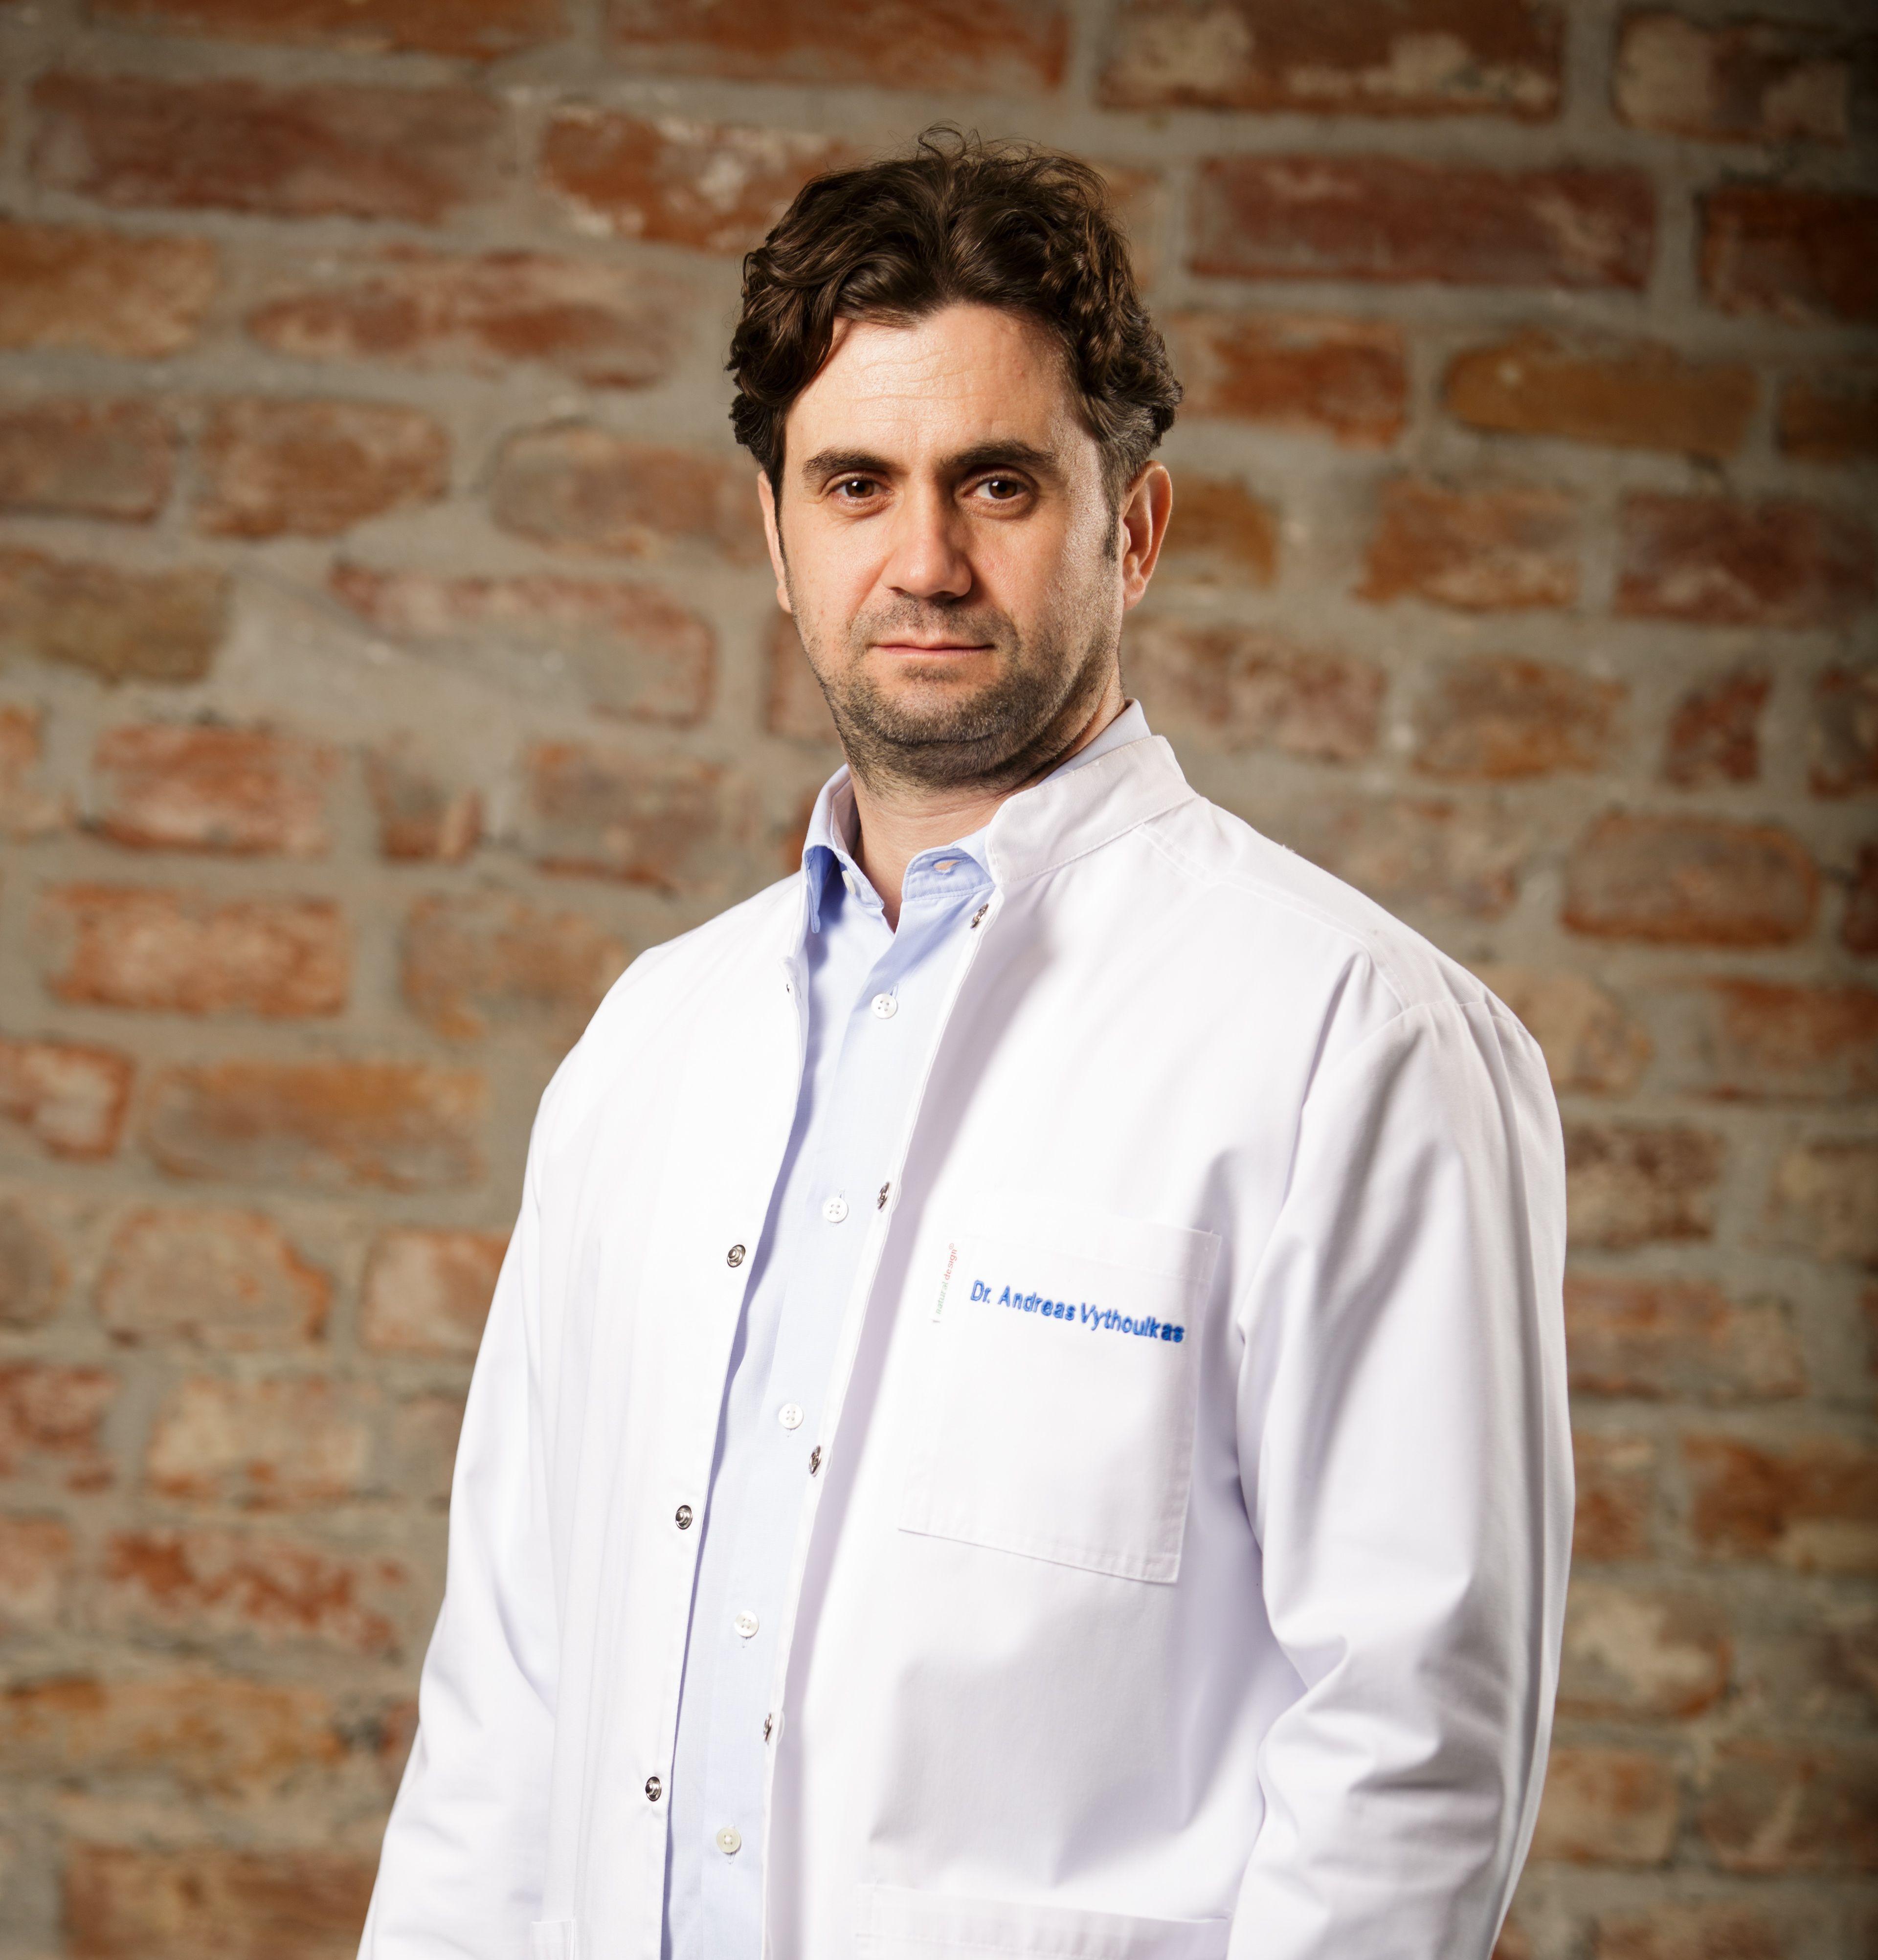 Medicul Andreas Vythoulkas